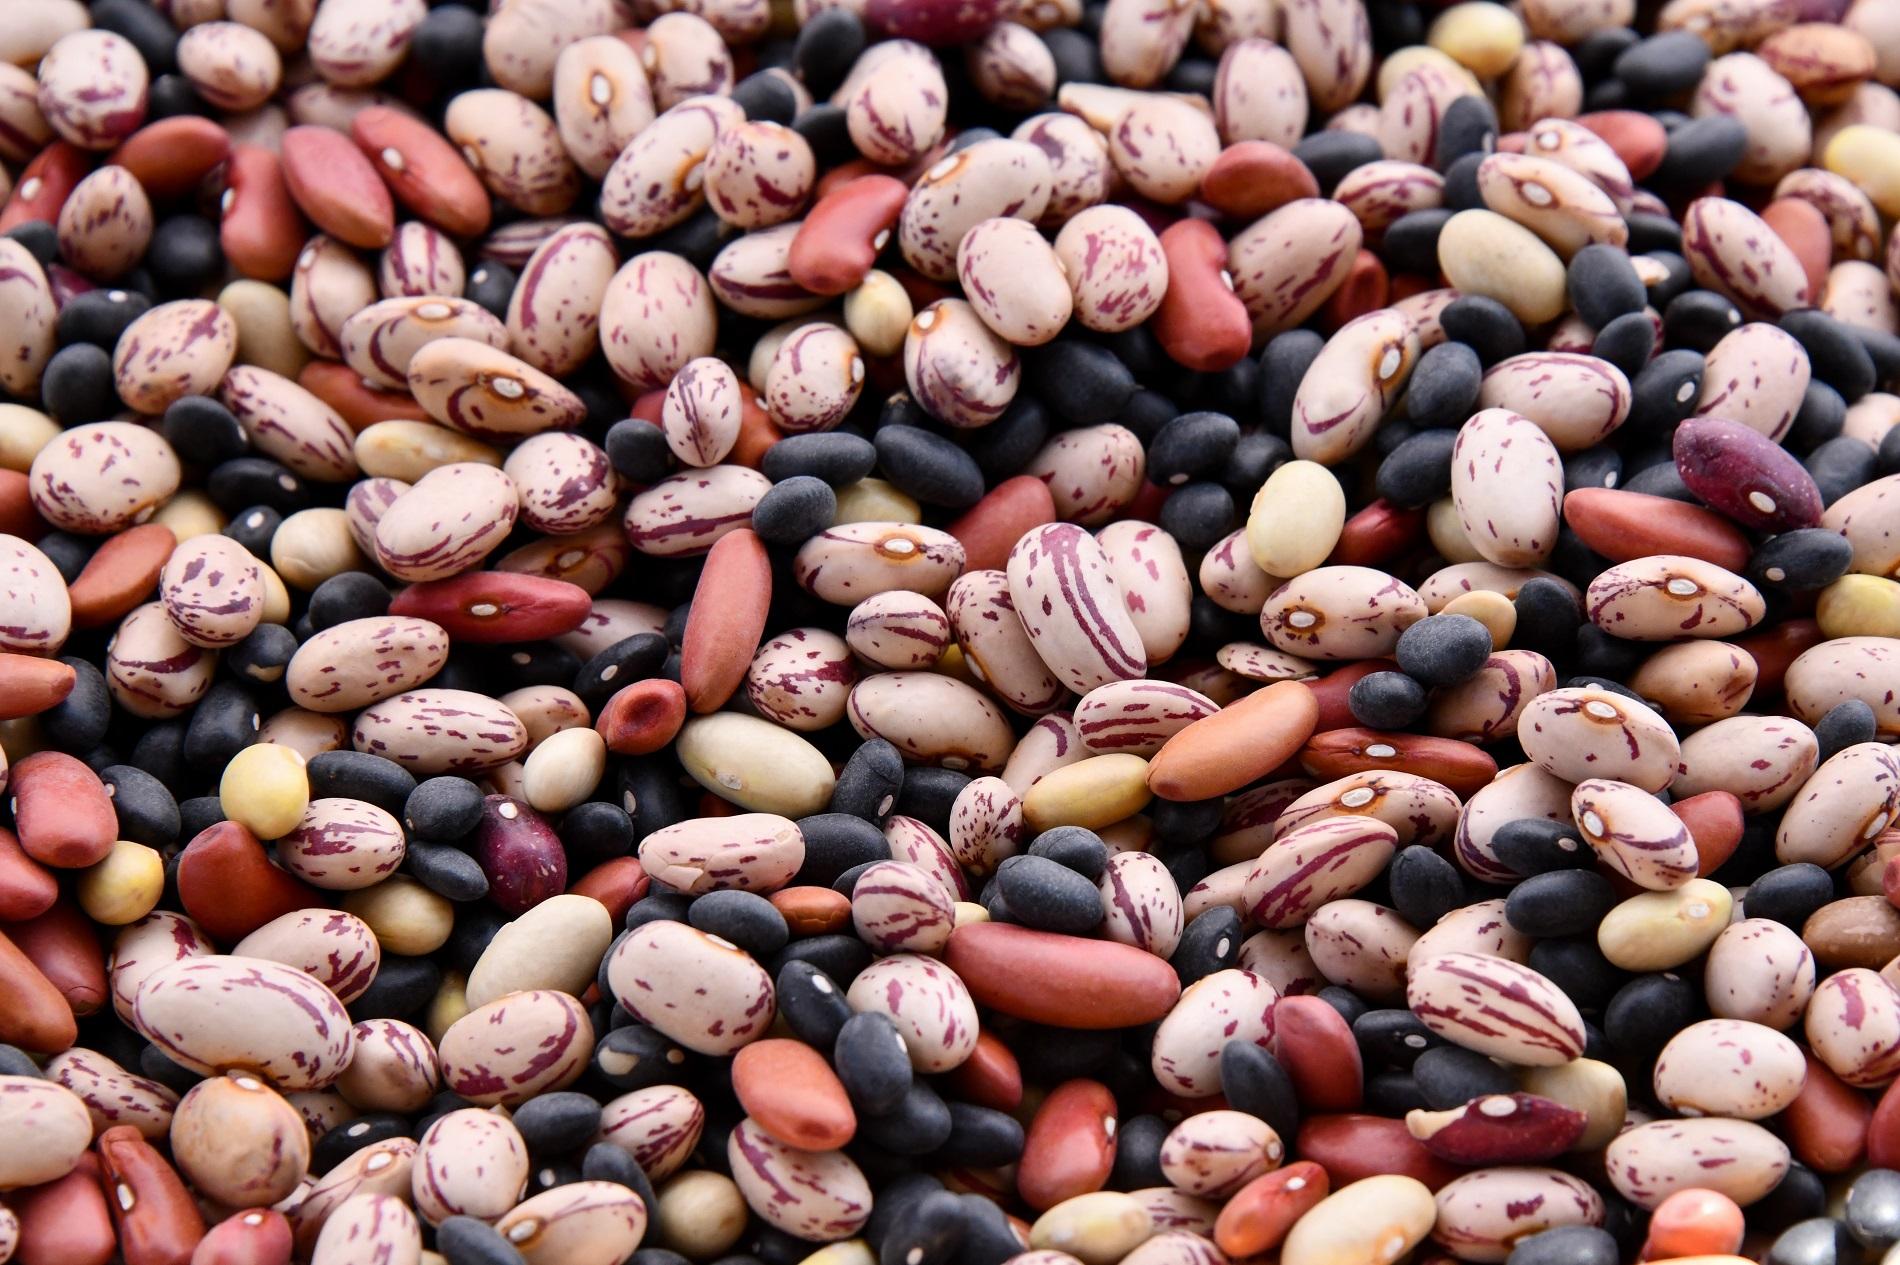 Осенне-зимний сезон: какие продукты питания не стоит игнорировать-Фото 5